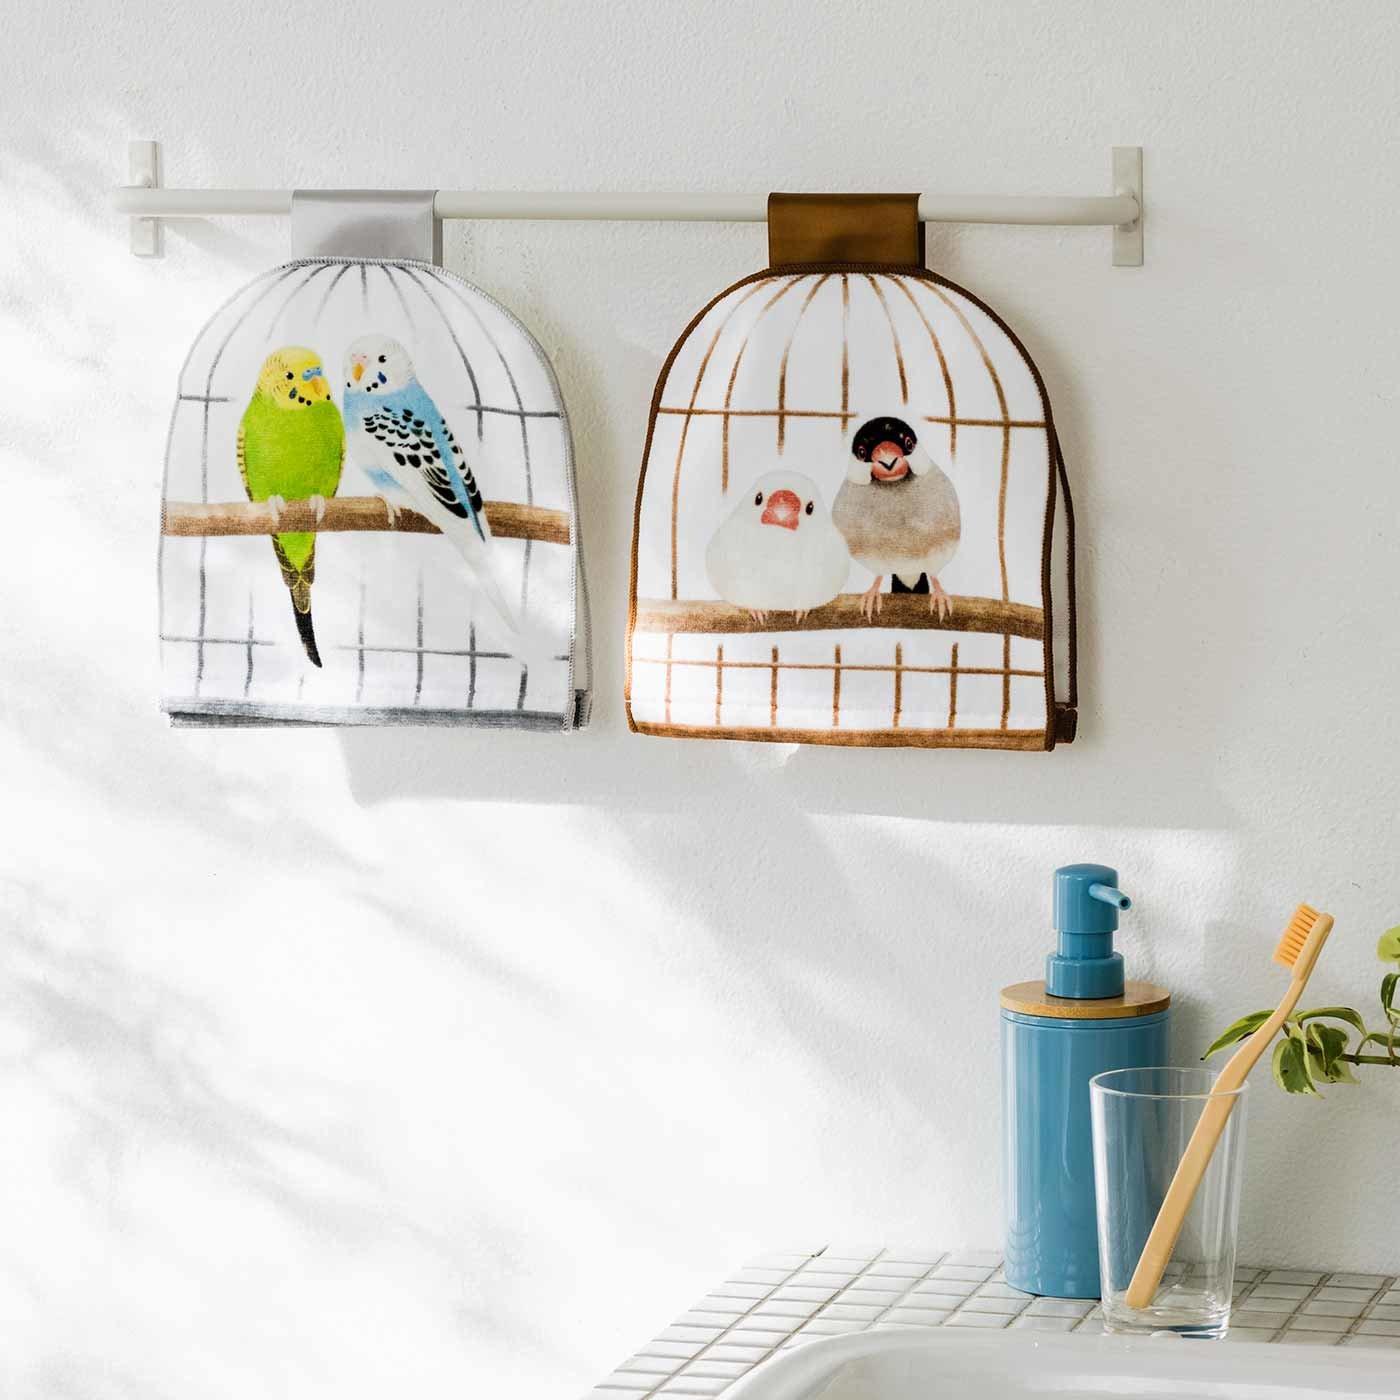 YOU+MORE!×小鳥部 仲むつまじい小鳥と暮らす 鳥かごのフェイスタオルの会